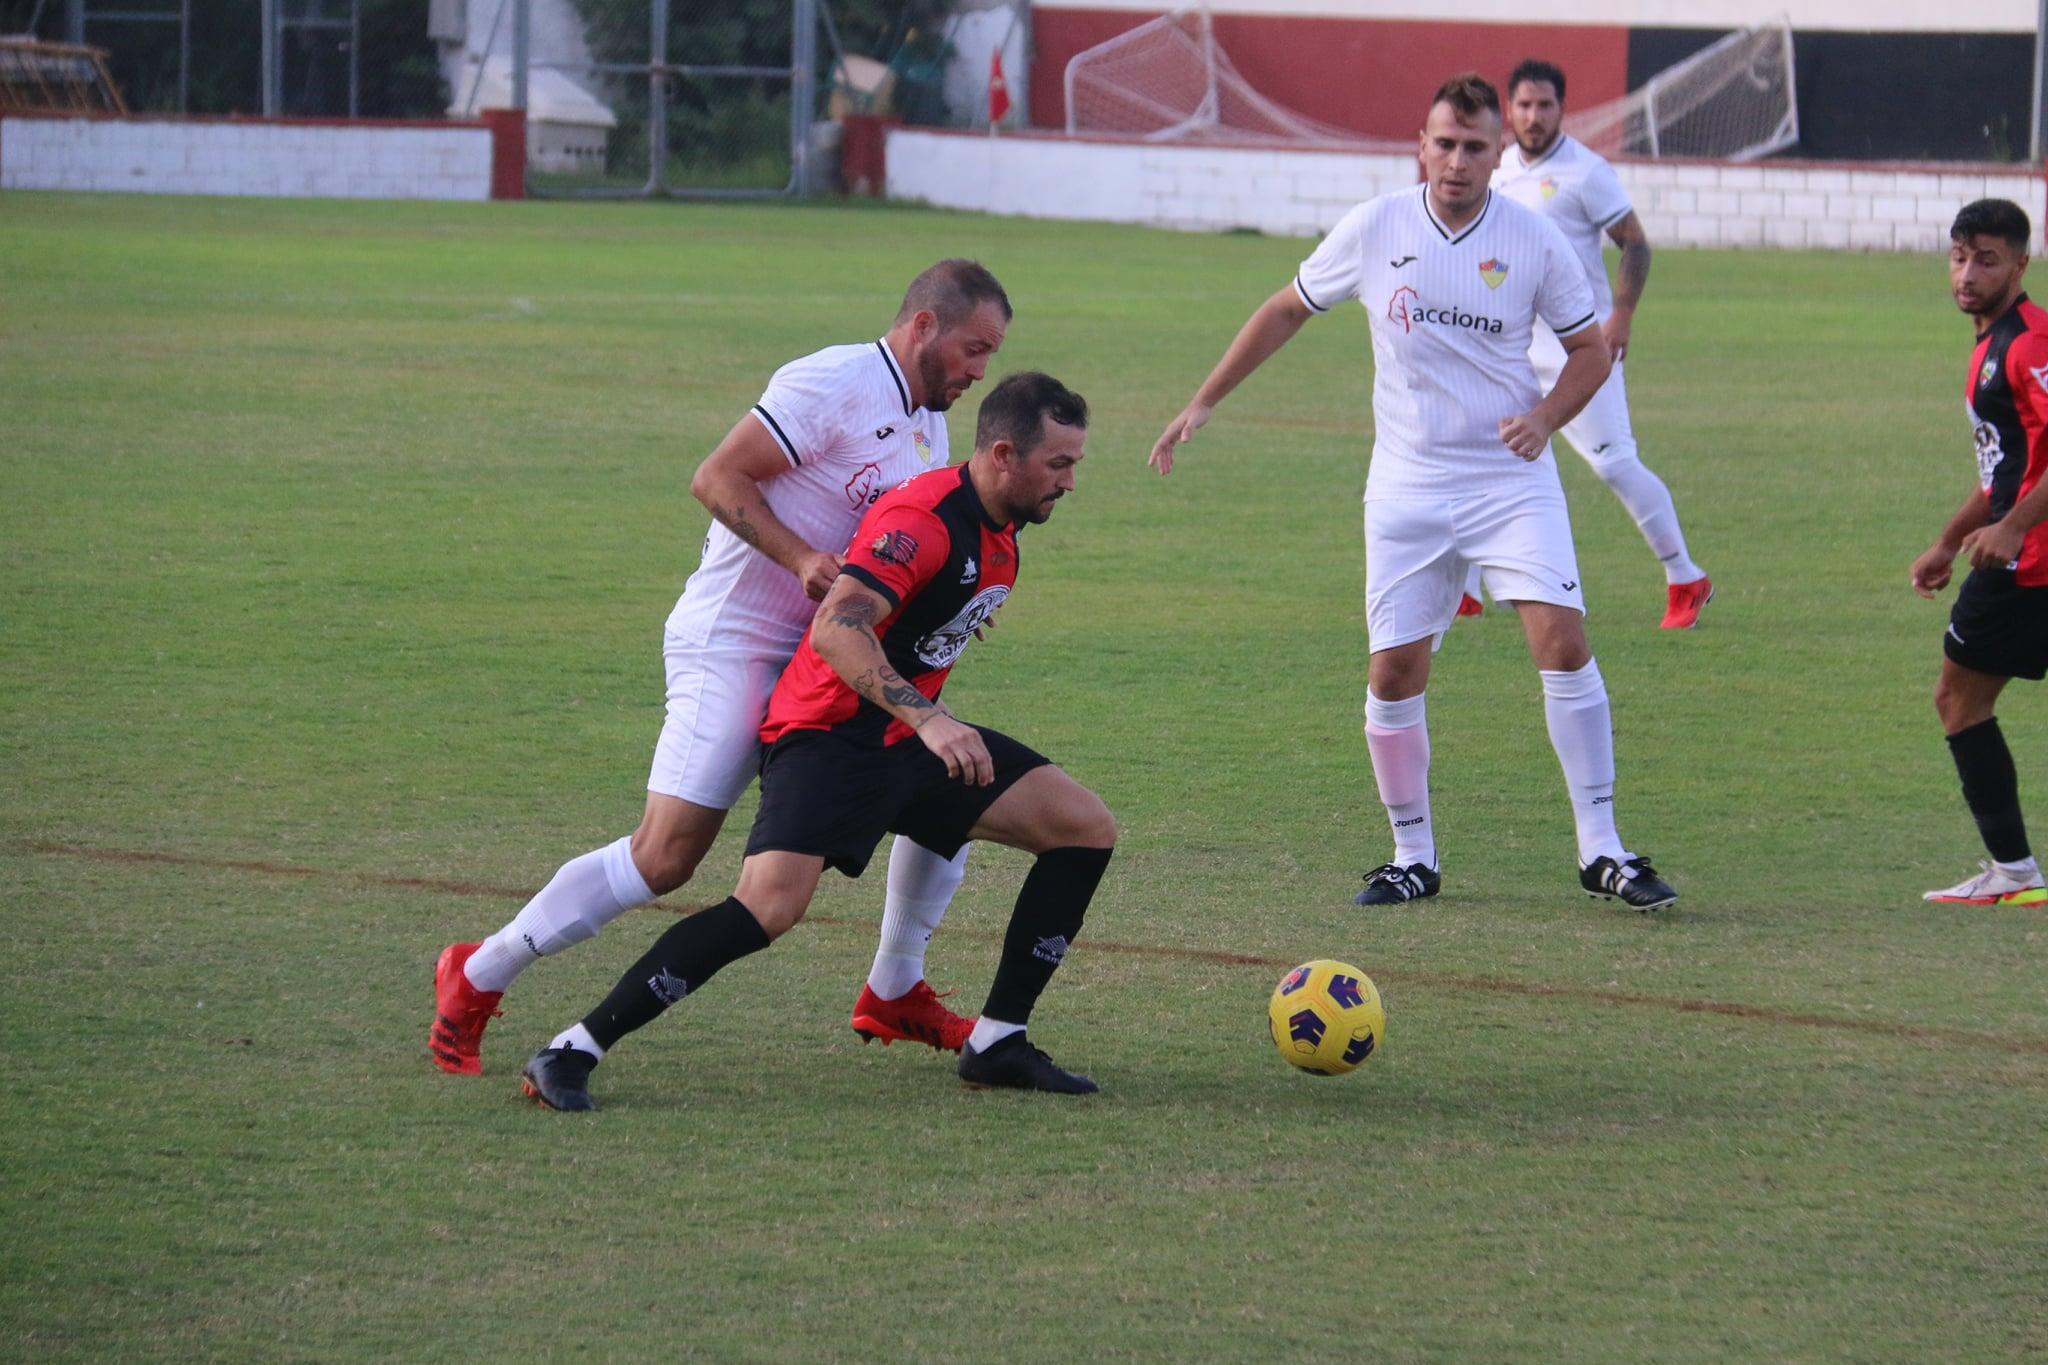 La UD Roteña, a semifinales de la Copa Andalucía (fase provincial)